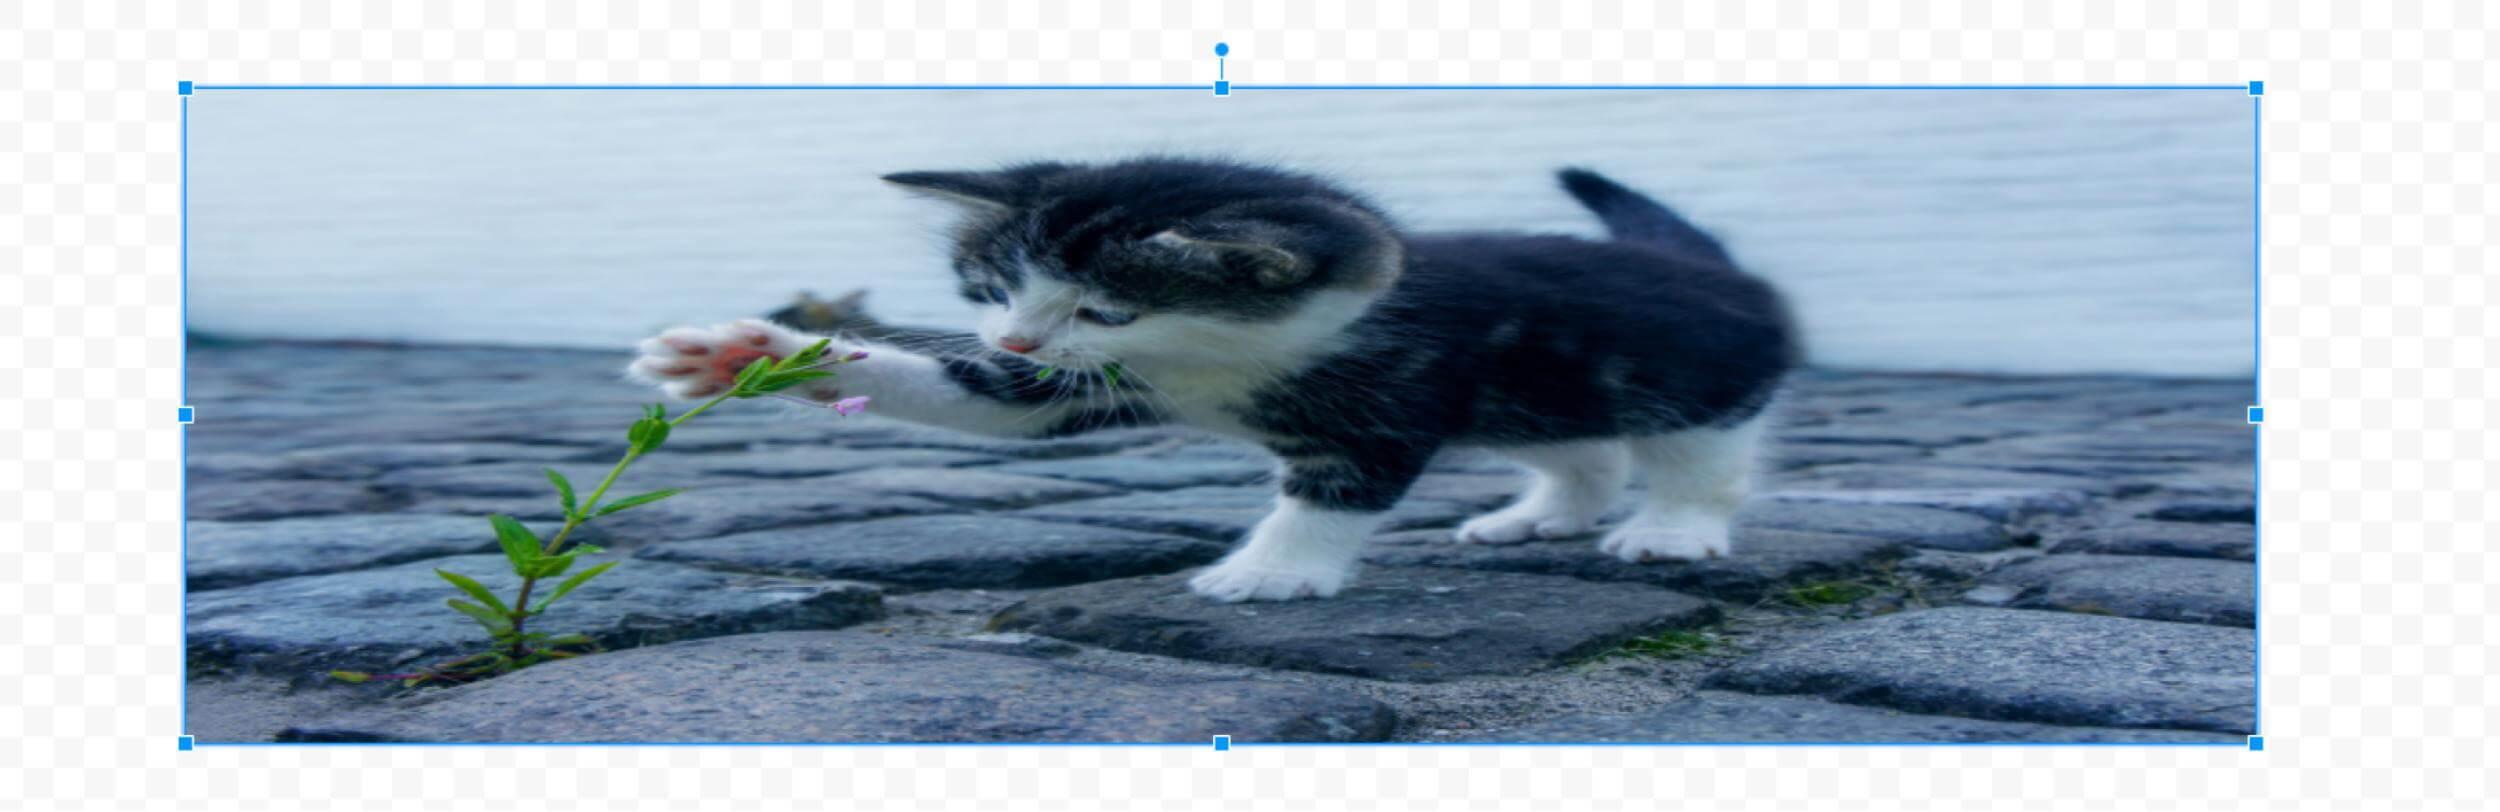 画像のサイズ変更 縦横比を横長に